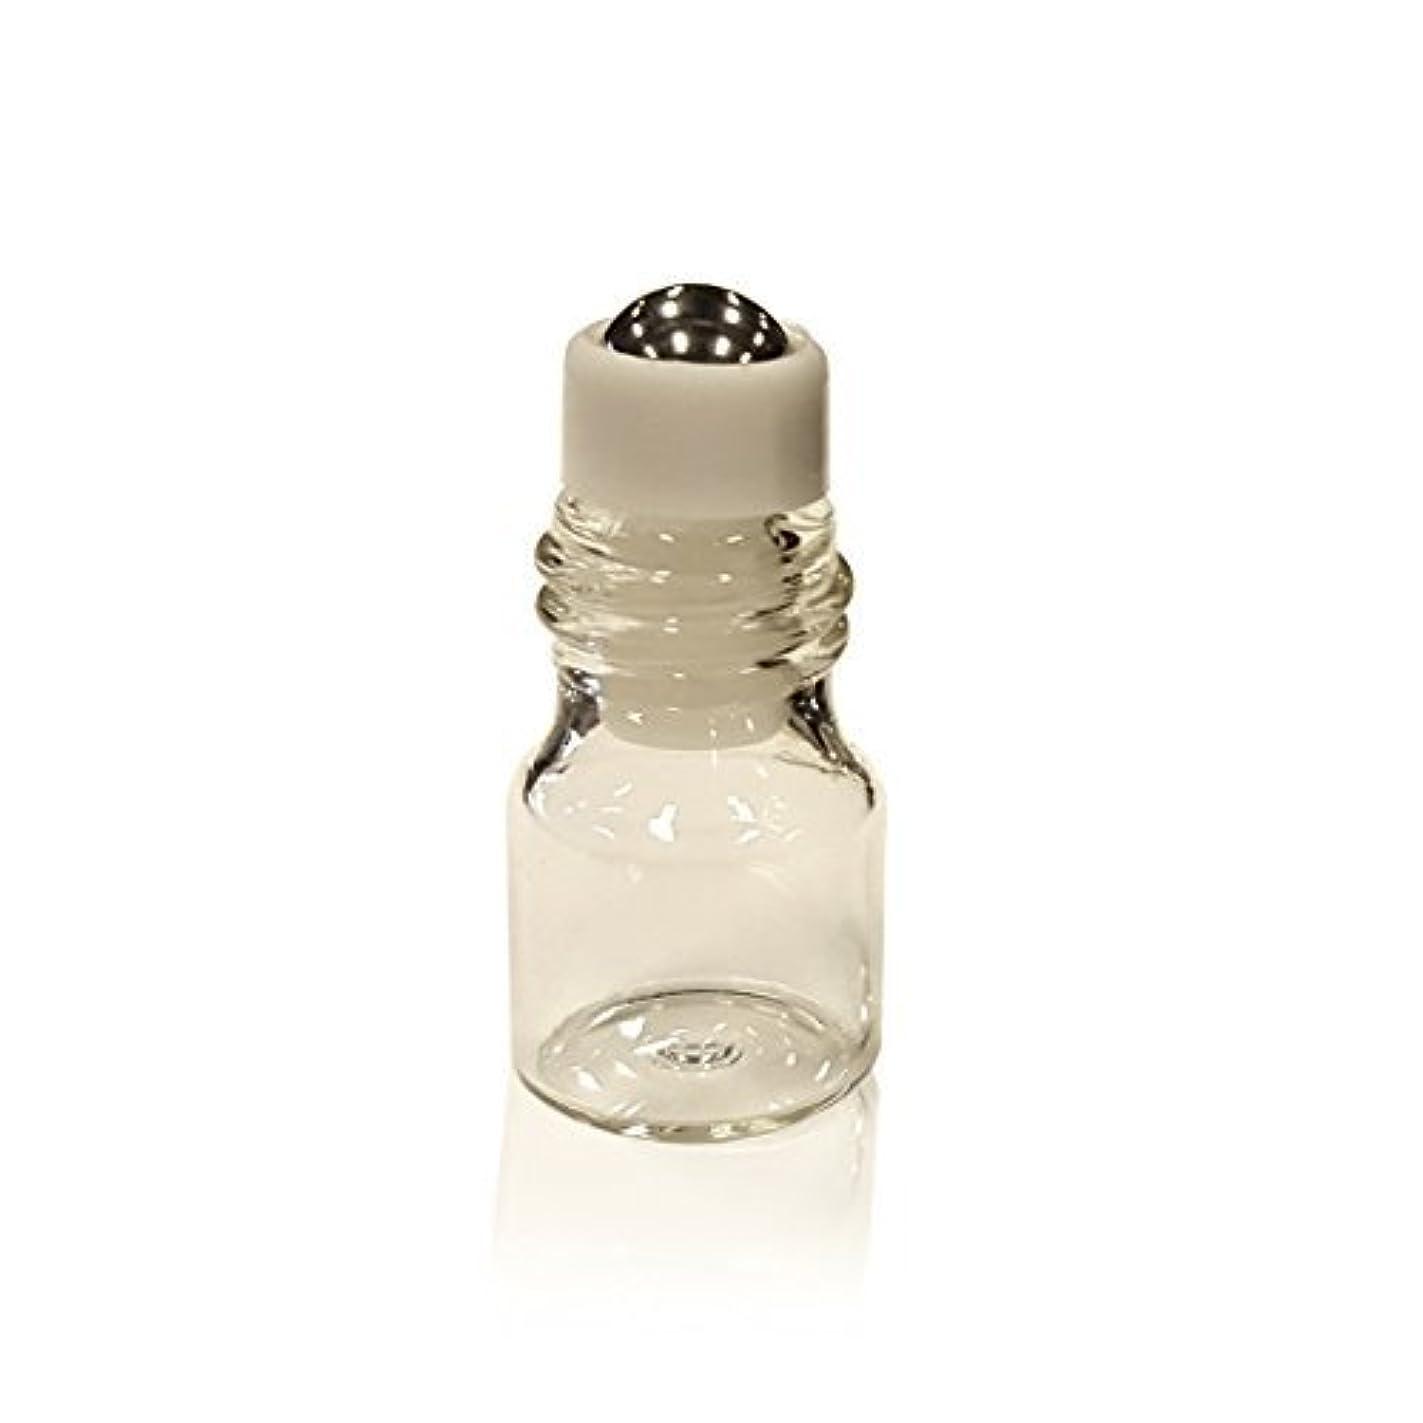 ヒューズパッド肥沃なAlternative Apothecary Pack of 12! Mini Essential Oil Roll On Bottles; 1/4 Dram (1 ml) Glass Roller Bottles with Stainless Steel Metal Ball [並行輸入品]